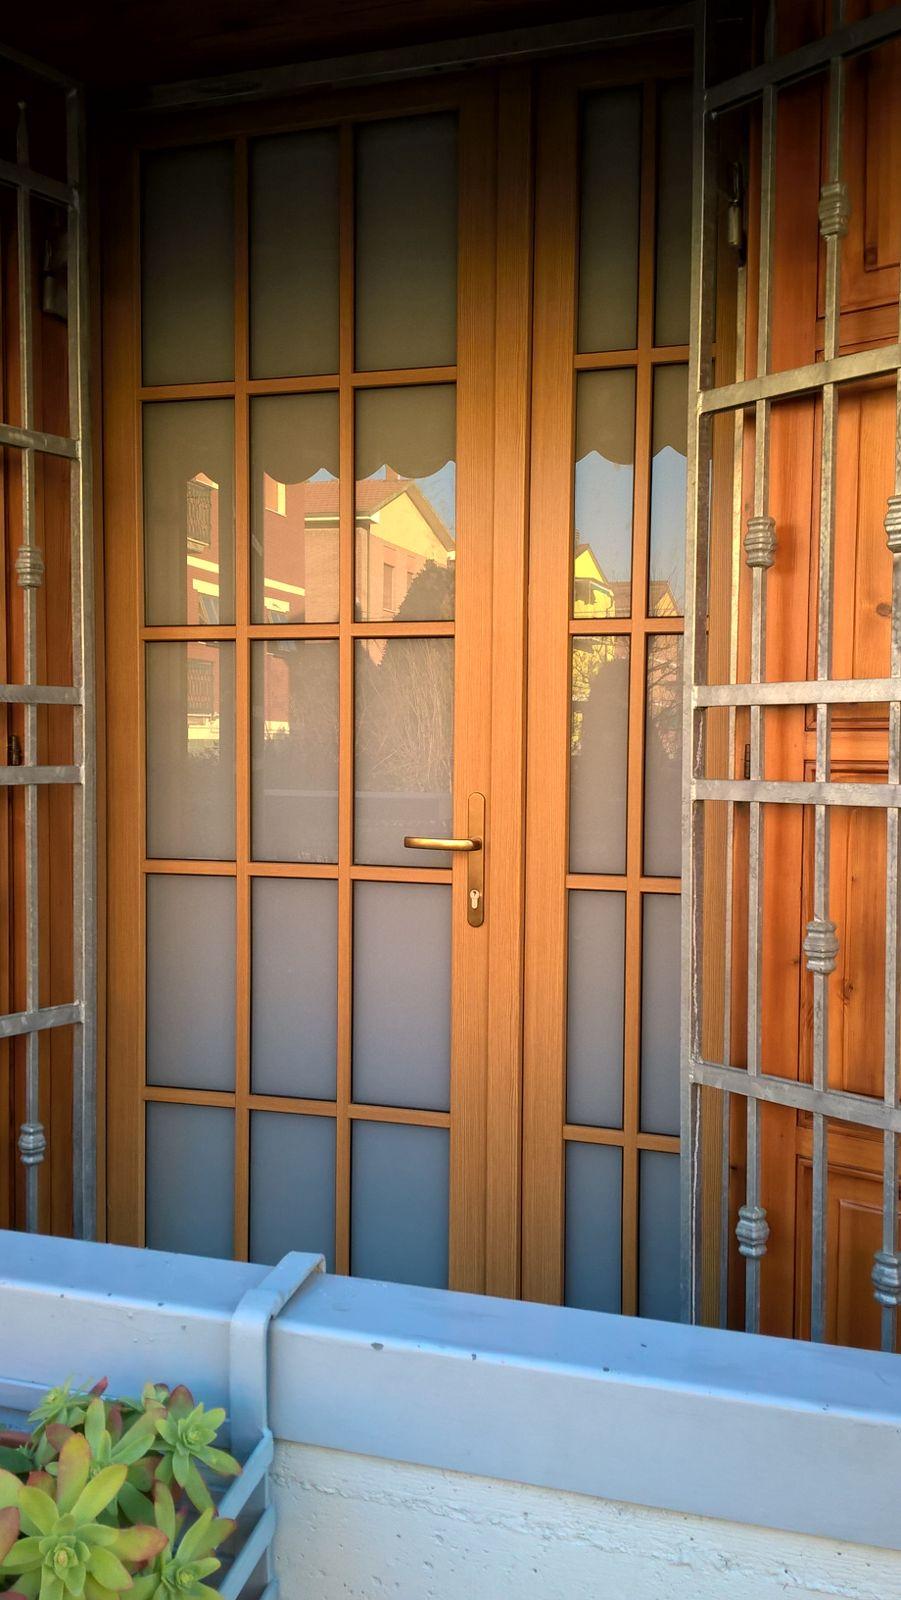 Cliente modena mo modena finestre - Porte e finestre modena ...